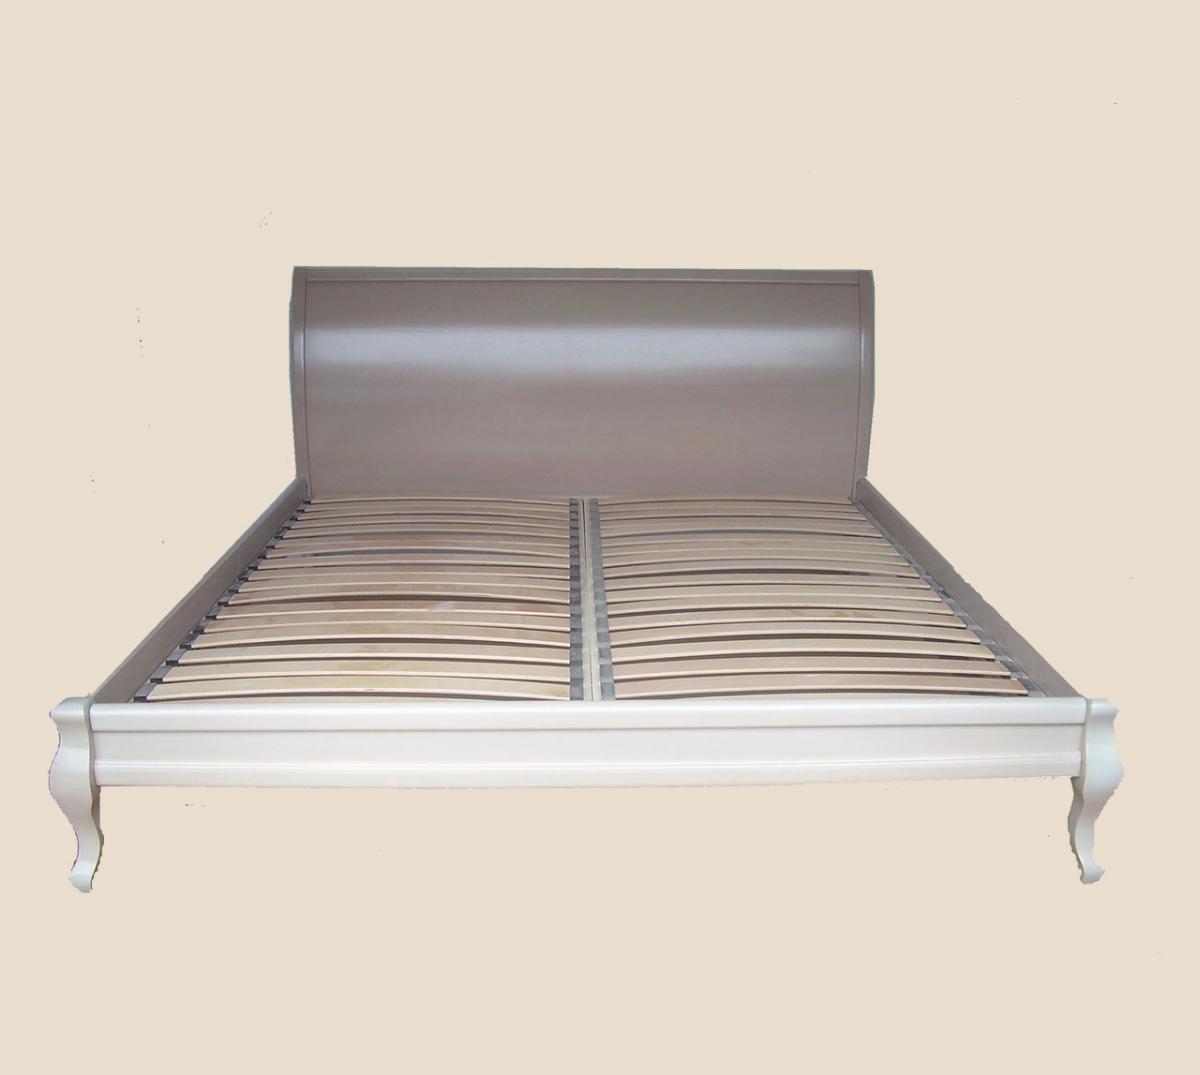 Кровать 110х200 (R-1000) Диарсо РКБ